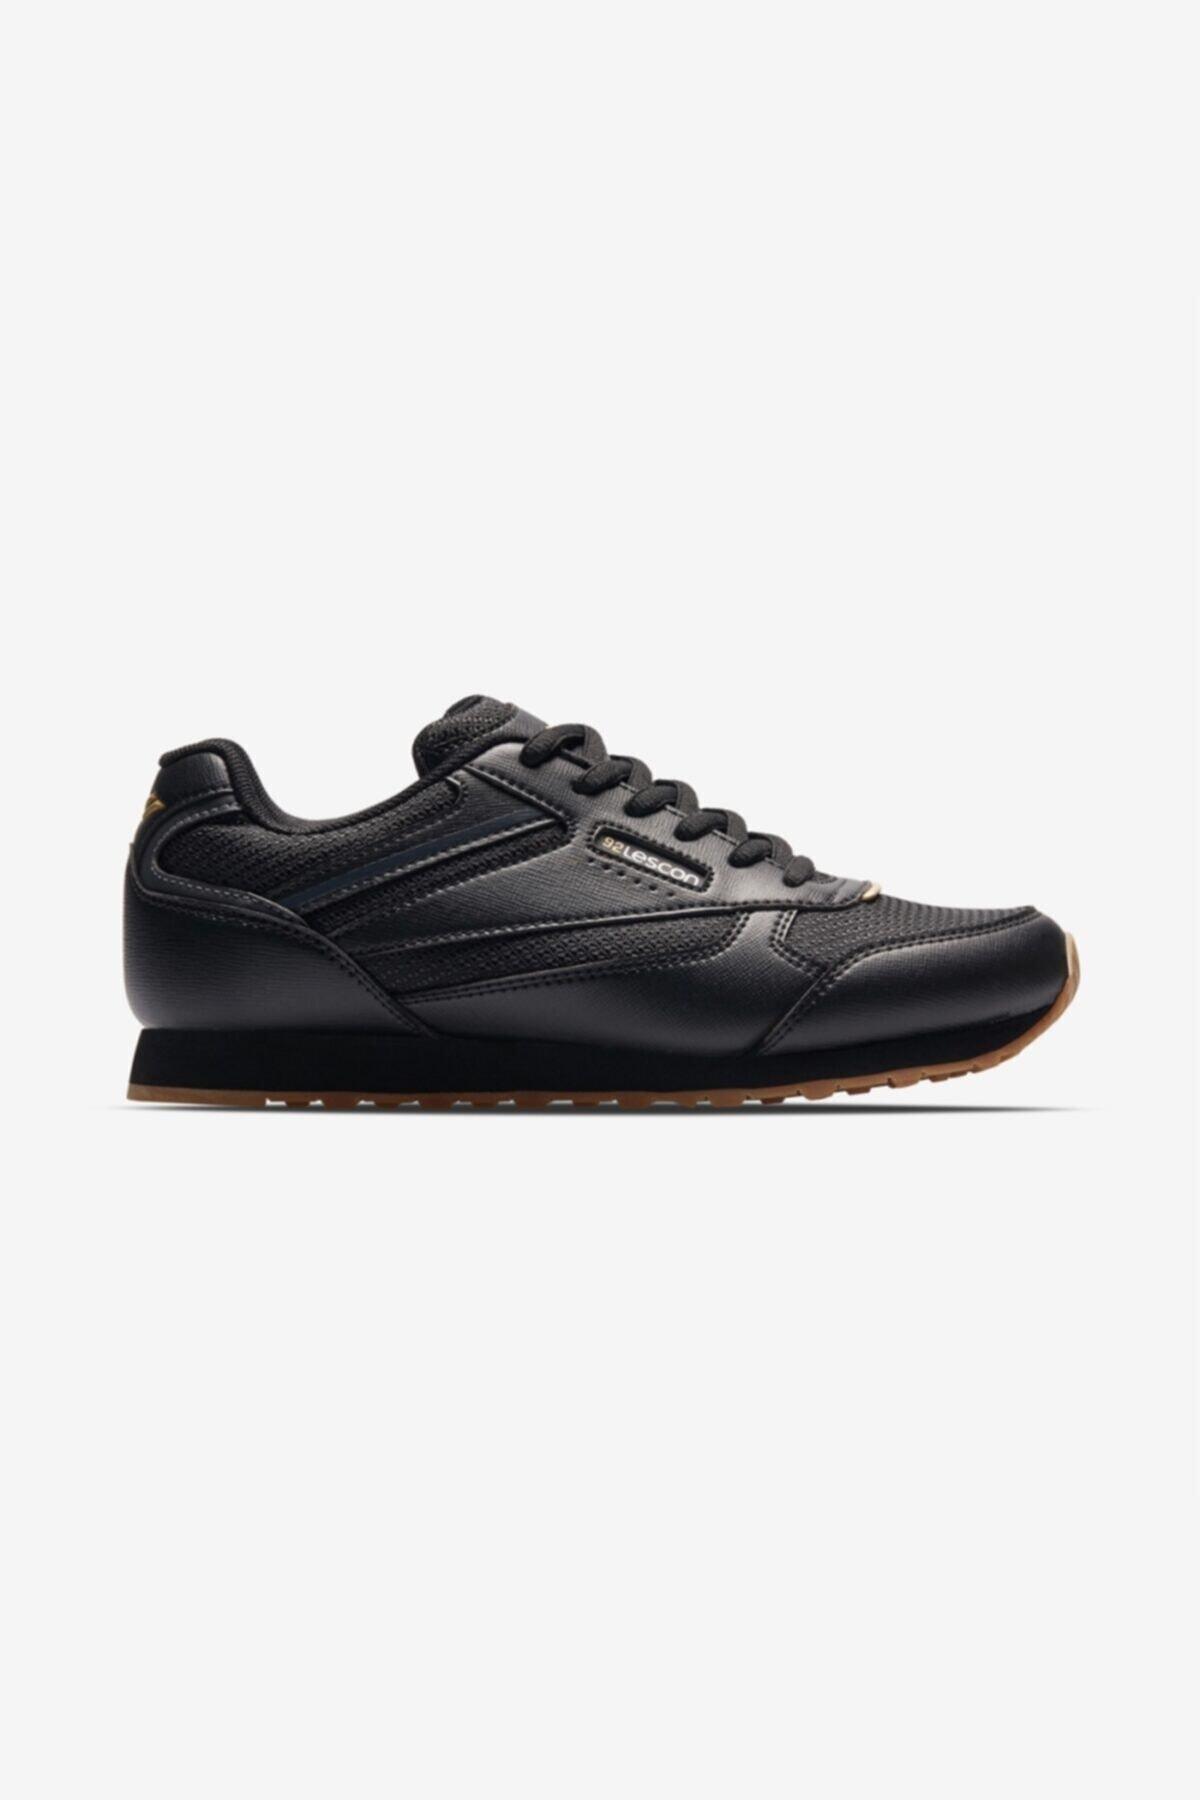 Lescon Kadın Siyah Sneaker Ayakkabı L-6618 1